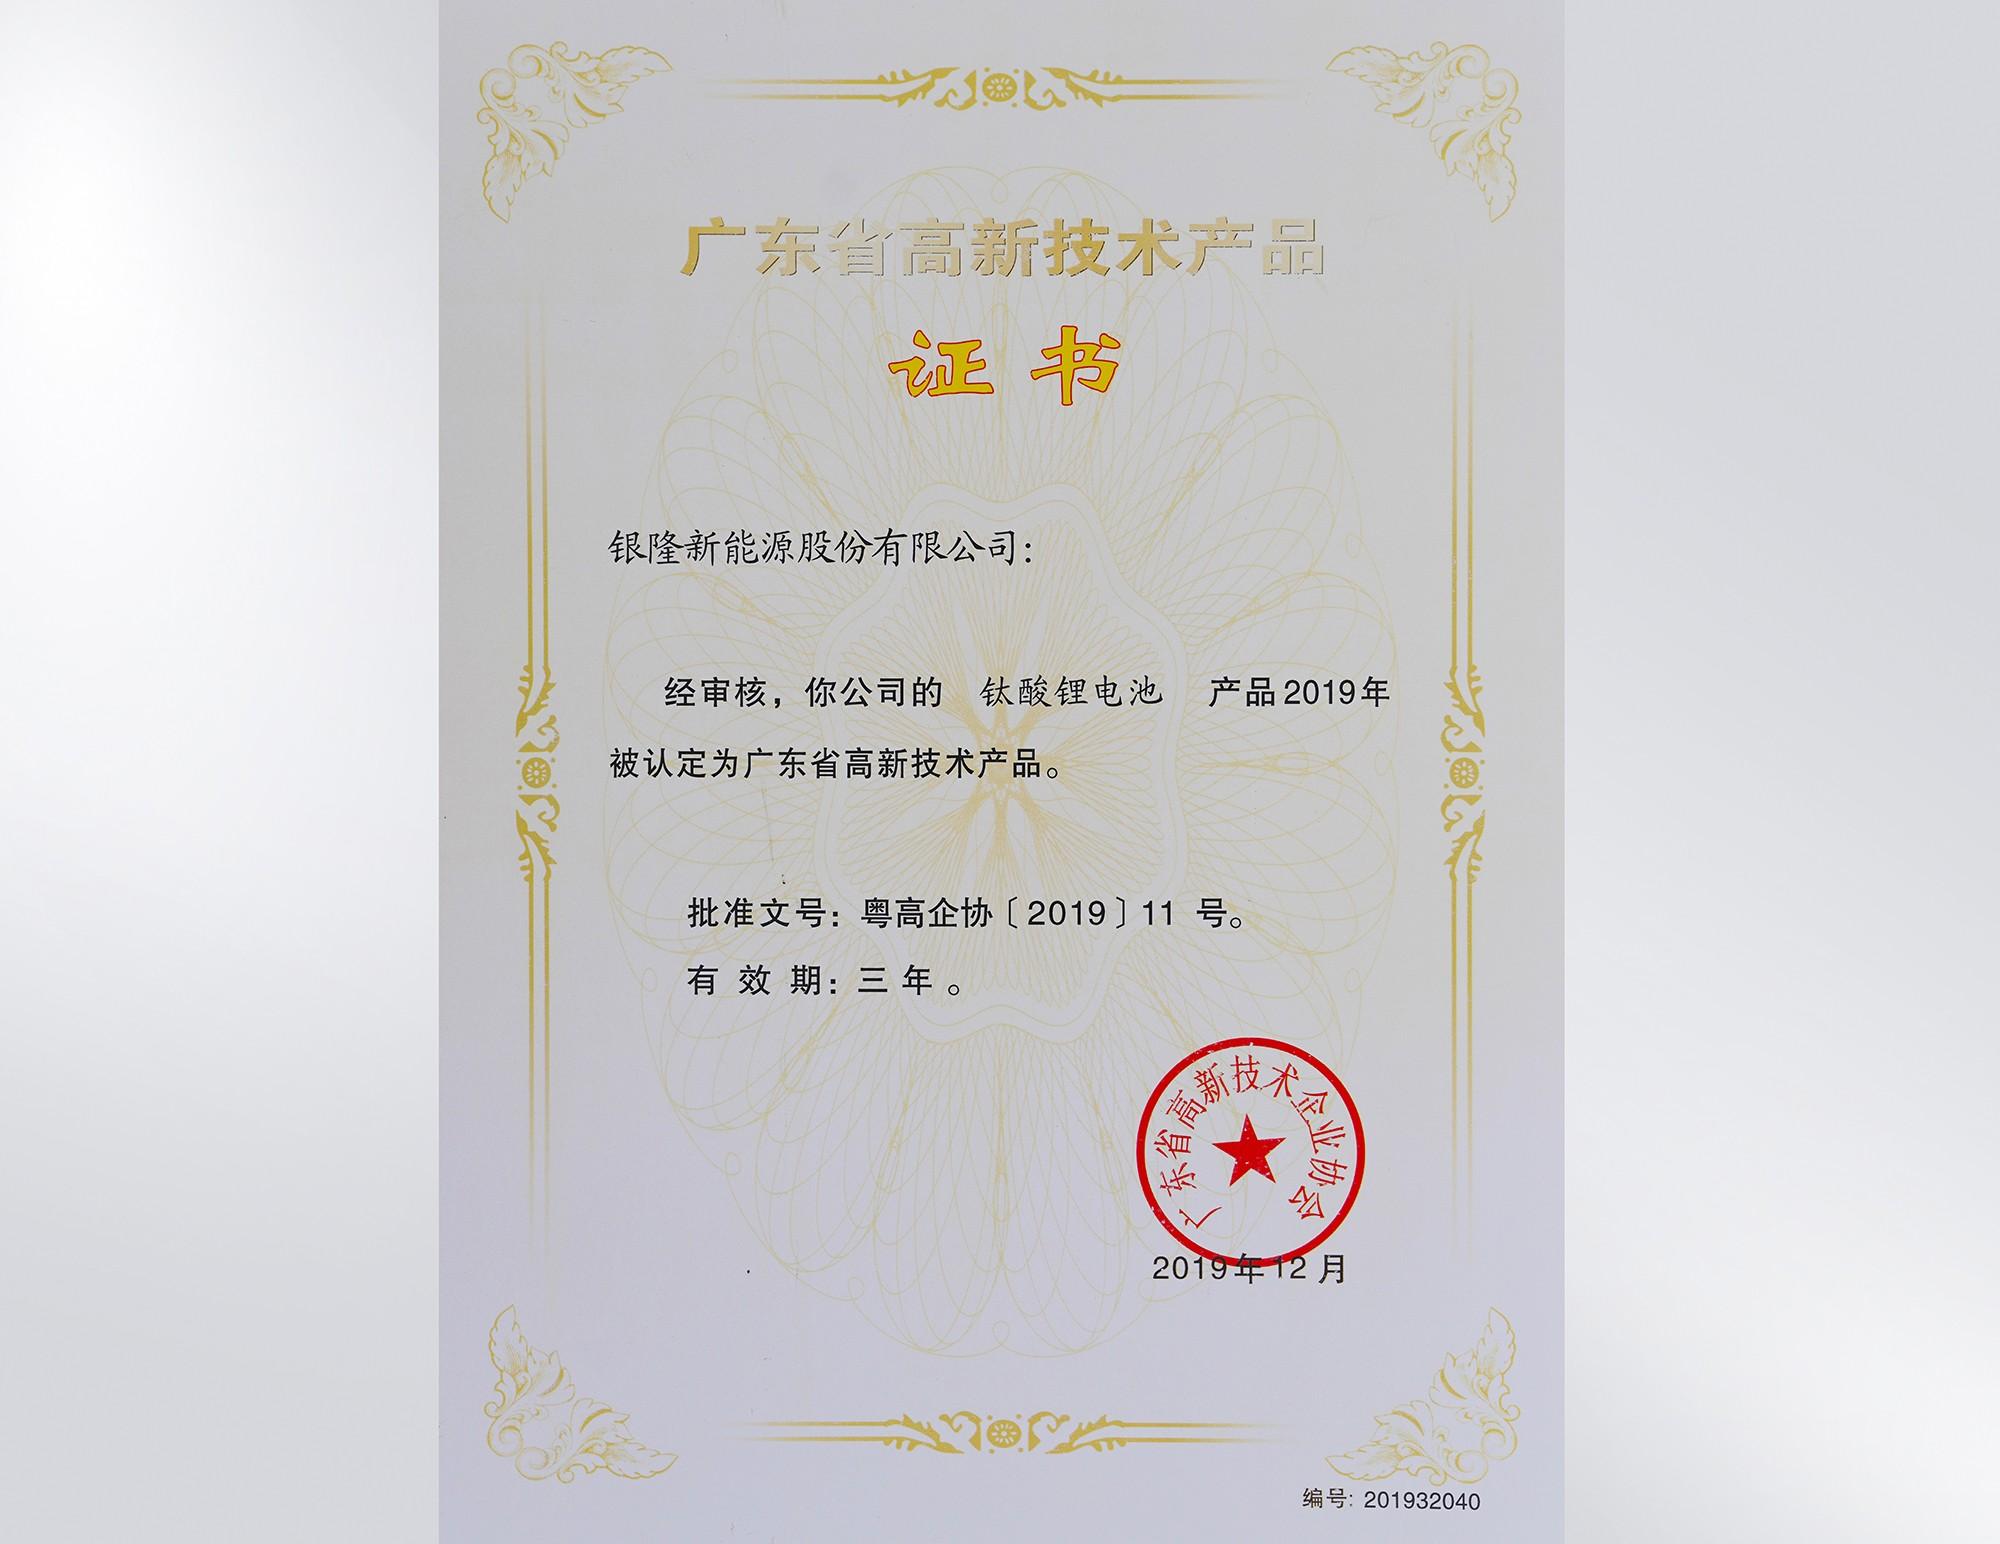 广东省高新技术产品证书(钛酸锂电池)-雷竞技雷竞技官网DOTA2,LOL,CSGO最佳电竞赛事竞猜股份有限公司